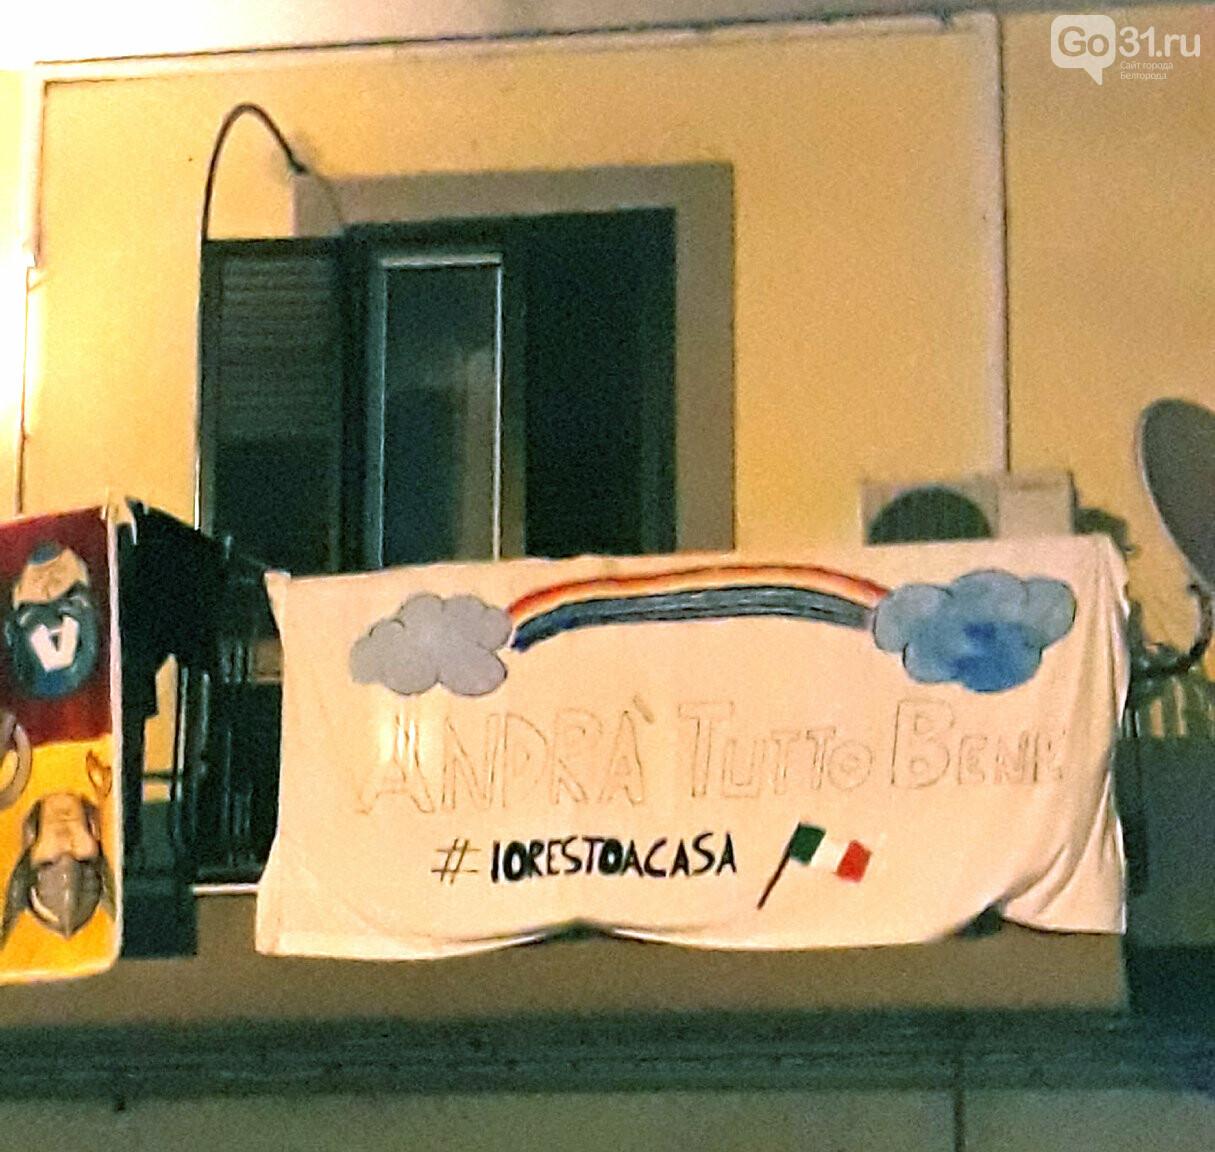 «Мы поём песни, чтобы выжить». Как коронавирус меняет жизнь в итальянском Неаполе, фото-3